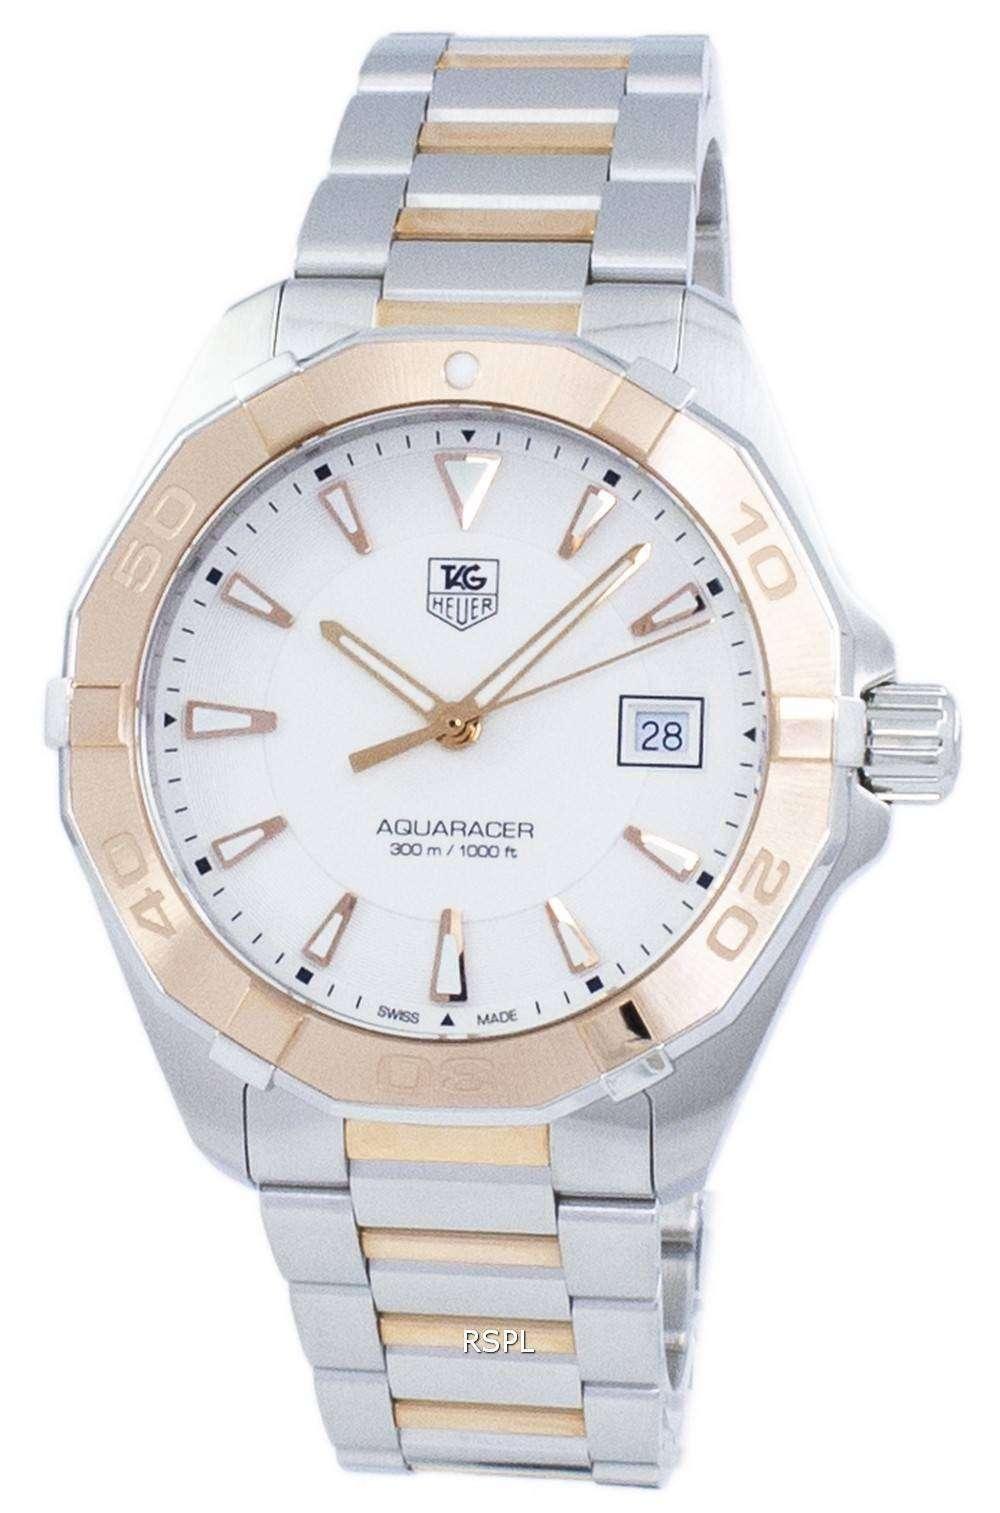 タグ ・ ホイヤー アクア レーサー クォーツ 300 M WAY1150。BD0911 メンズ腕時計